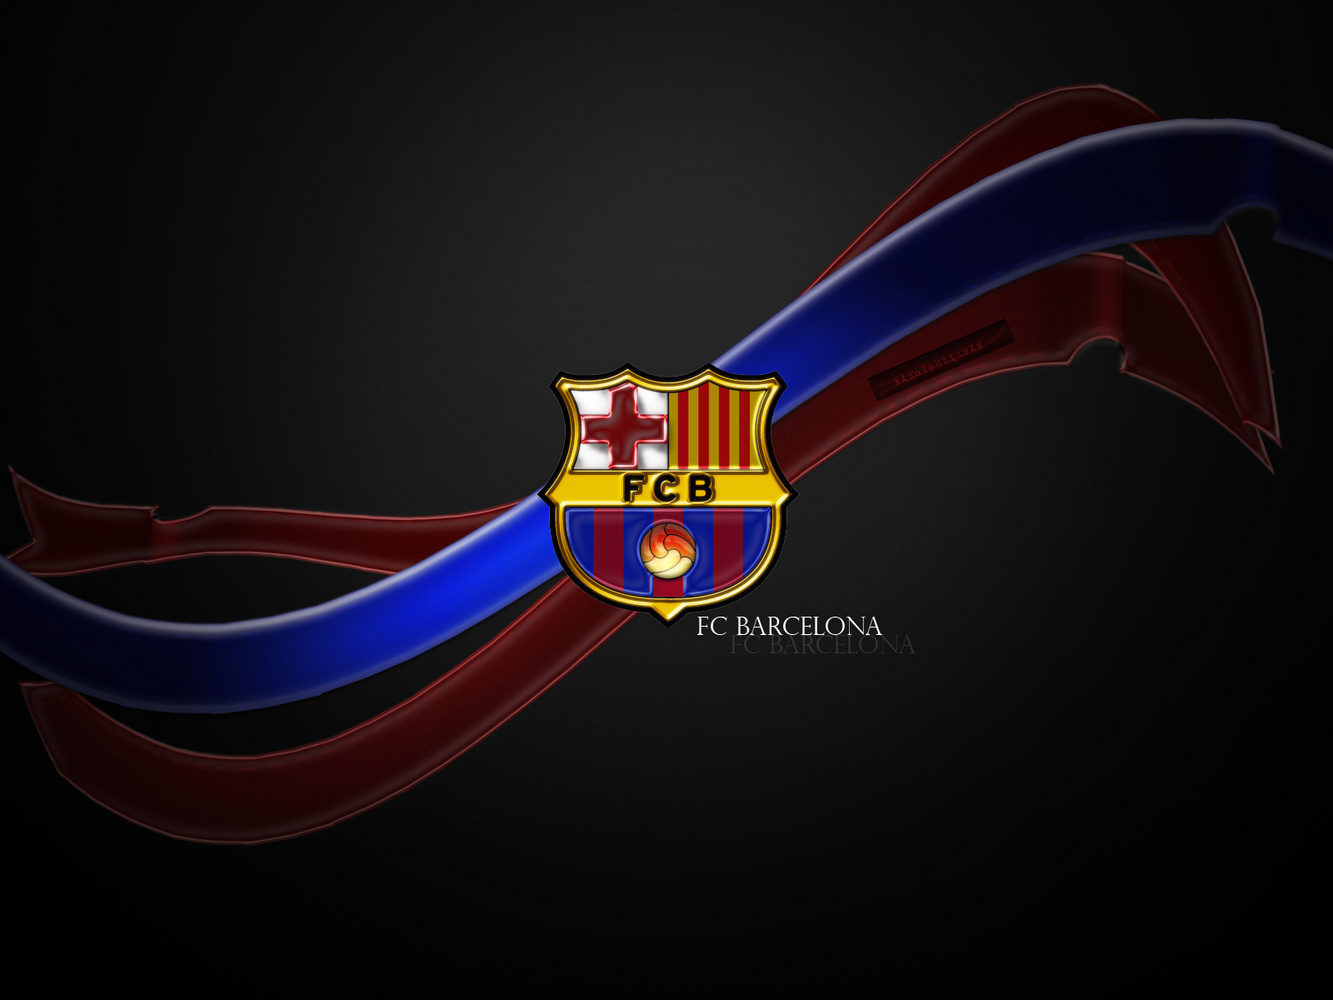 FC Barcelona Logo fond d'écran - FC Barcelone fan Art (22614337) - fanpop